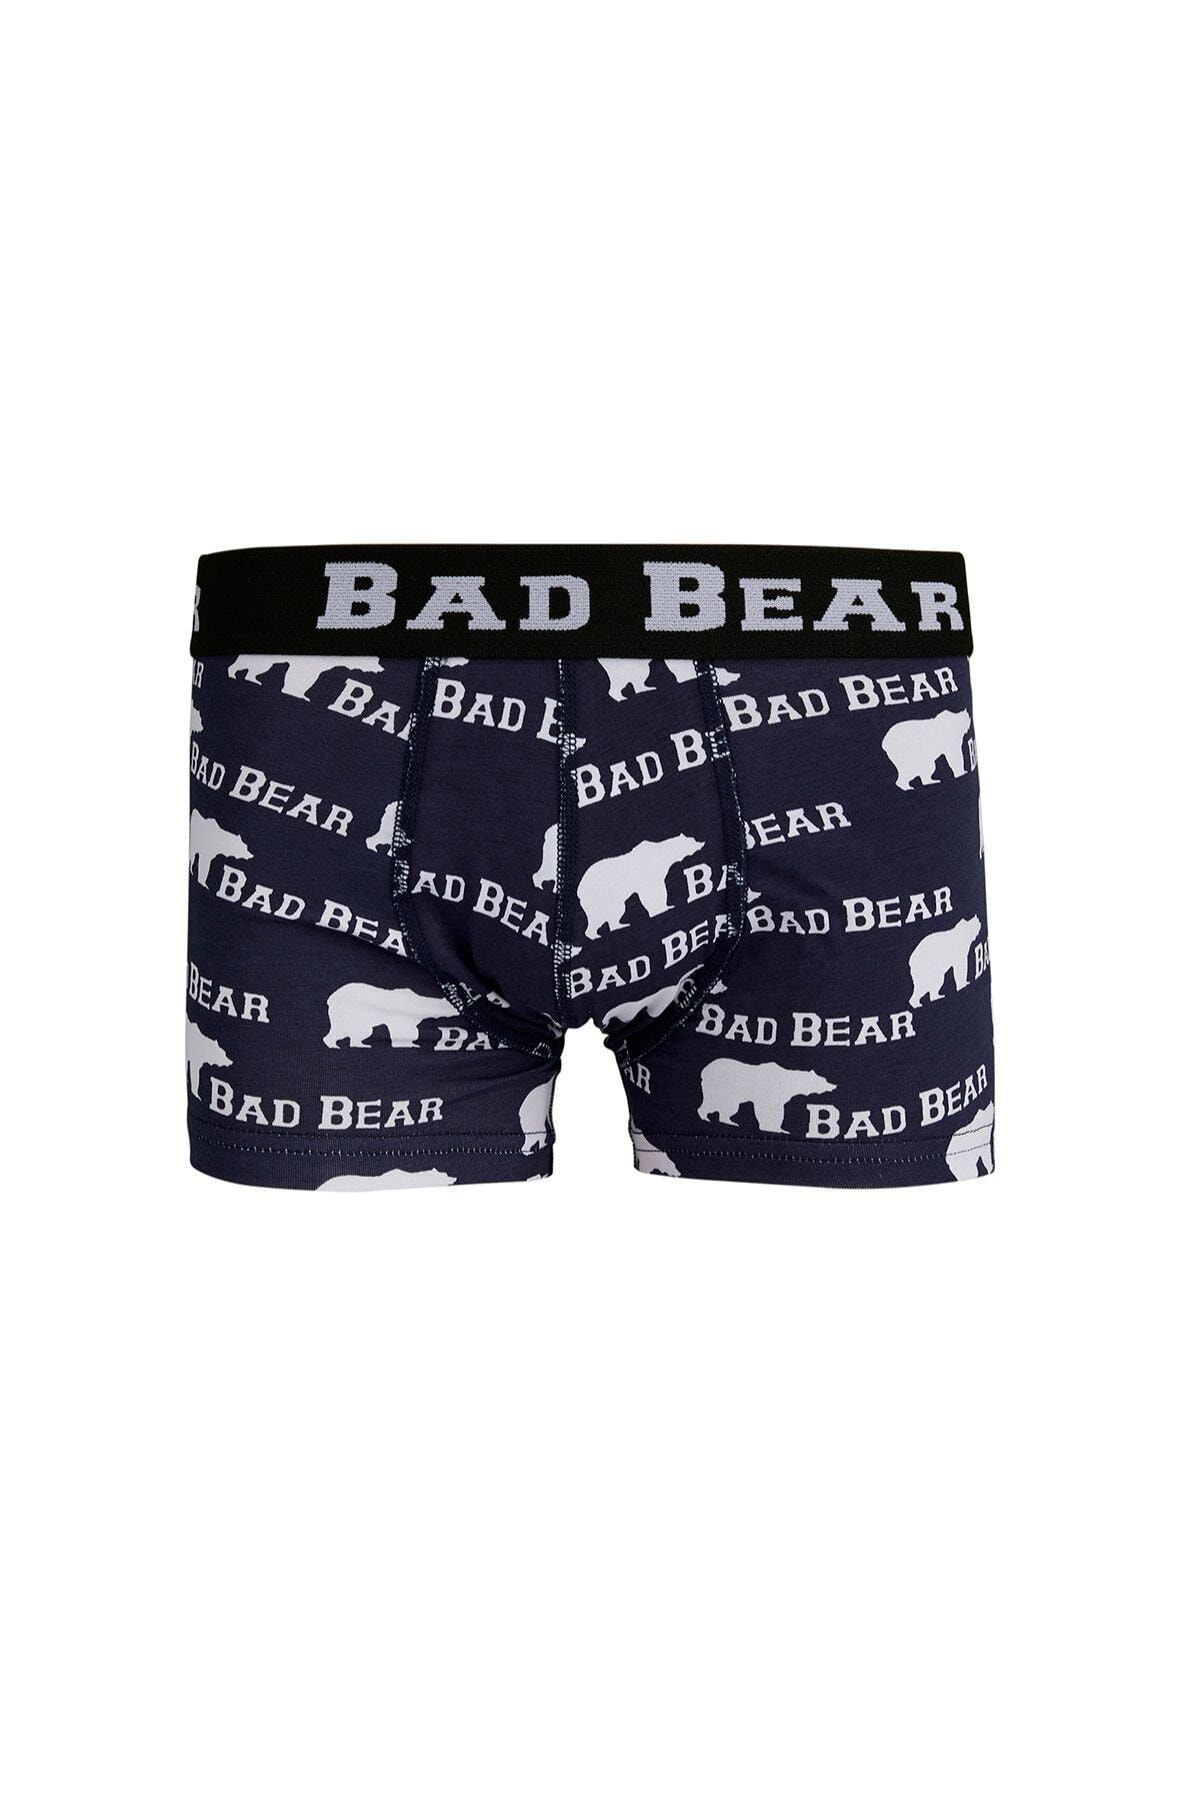 Bad Bear Bear Navy 1